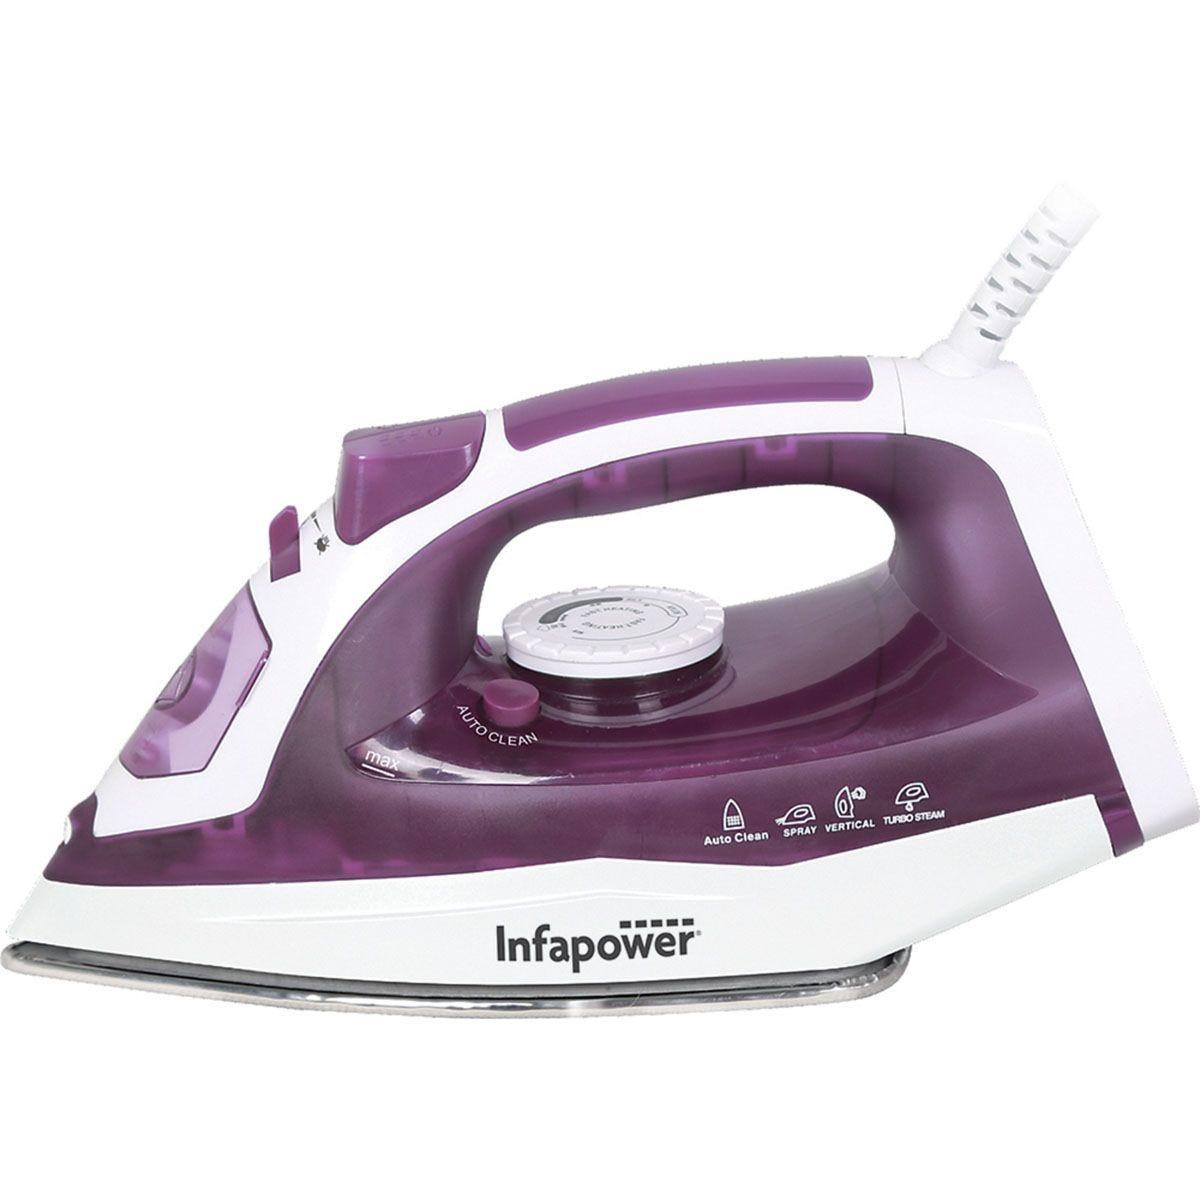 Infapower X603 2400W Steam Iron – White & Purple